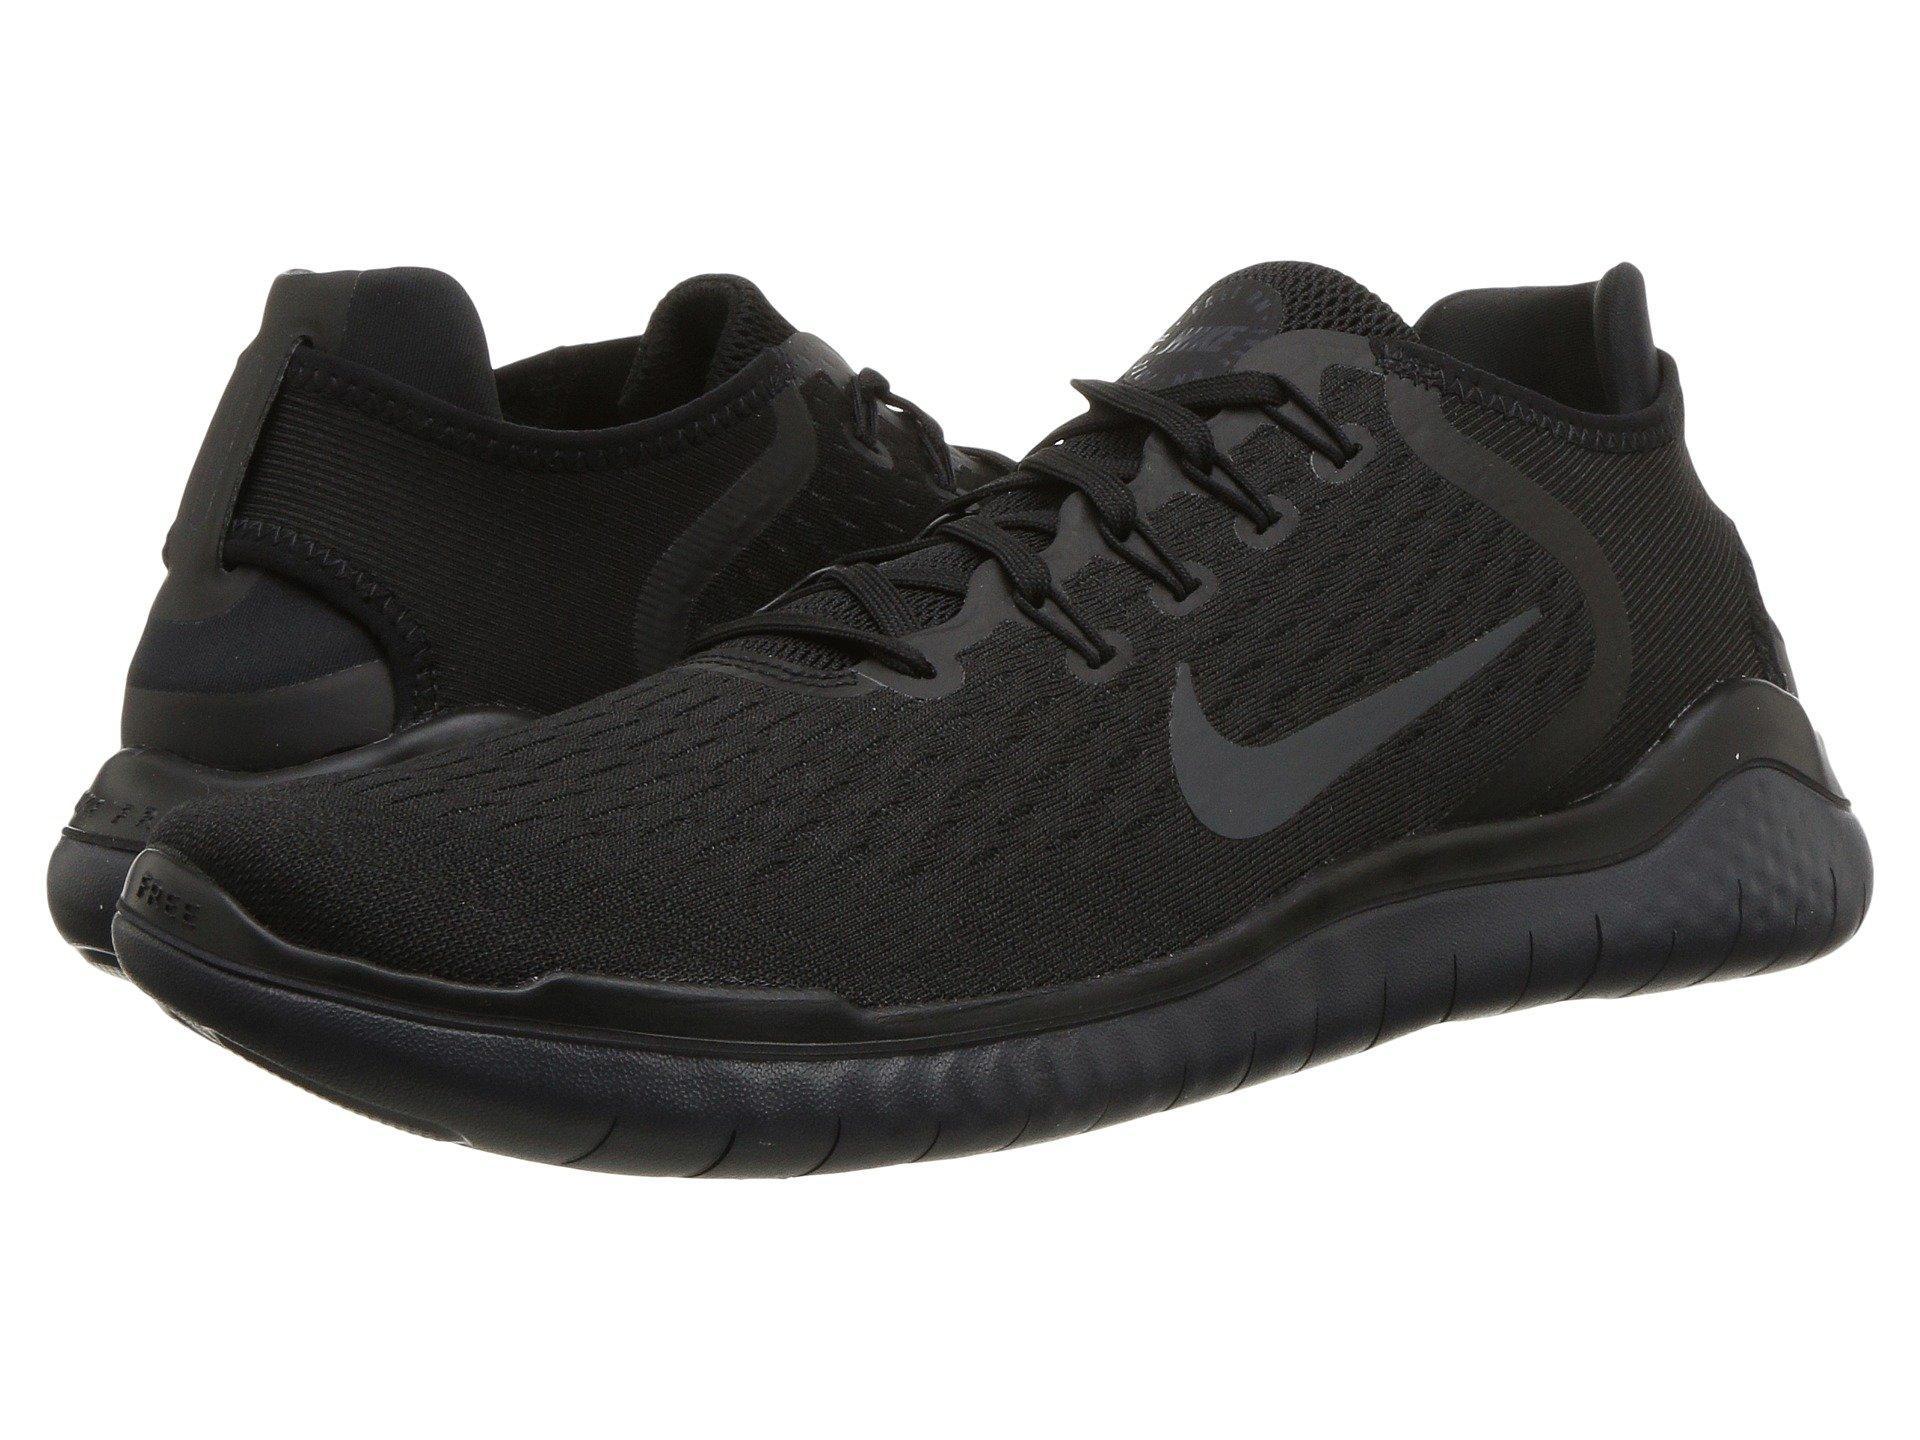 hot sale online eb096 27b05 Nike - Free Rn 2018 (black white) Men s Running Shoes for Men -. View  fullscreen